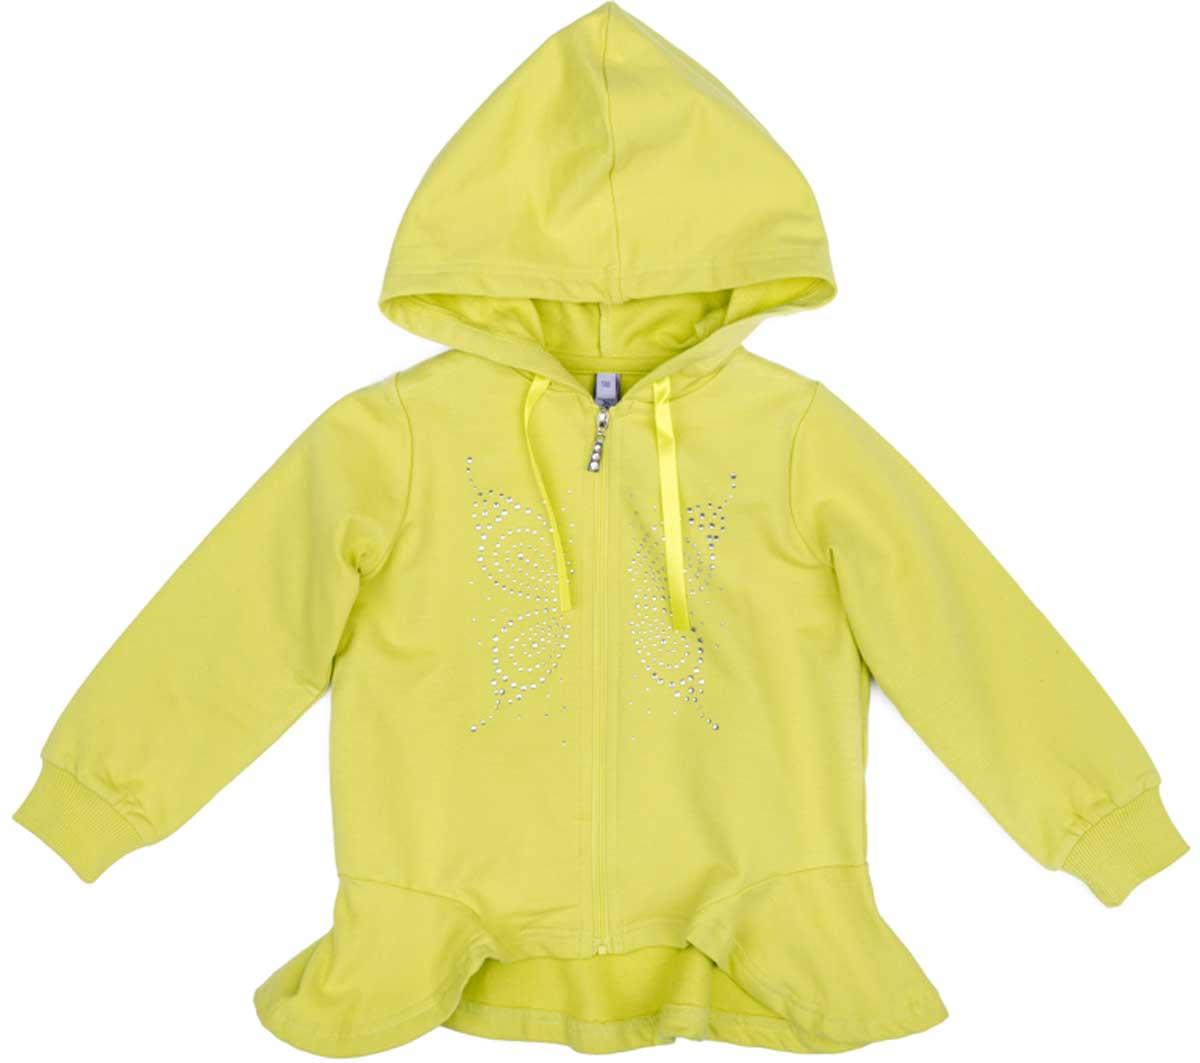 Толстовка для девочки PlayToday, цвет: светло-желтый. 172113. Размер 116172113Толстовка PlayToday из натурального материала на застежке - молнии прекрасно подойдет для прохладной погоды. Манжеты отделаны мягкими резинками. Необычный крой изделия понравится вашему ребенку. Модель с капюшоном, который регулируется шнуром - кулиской.